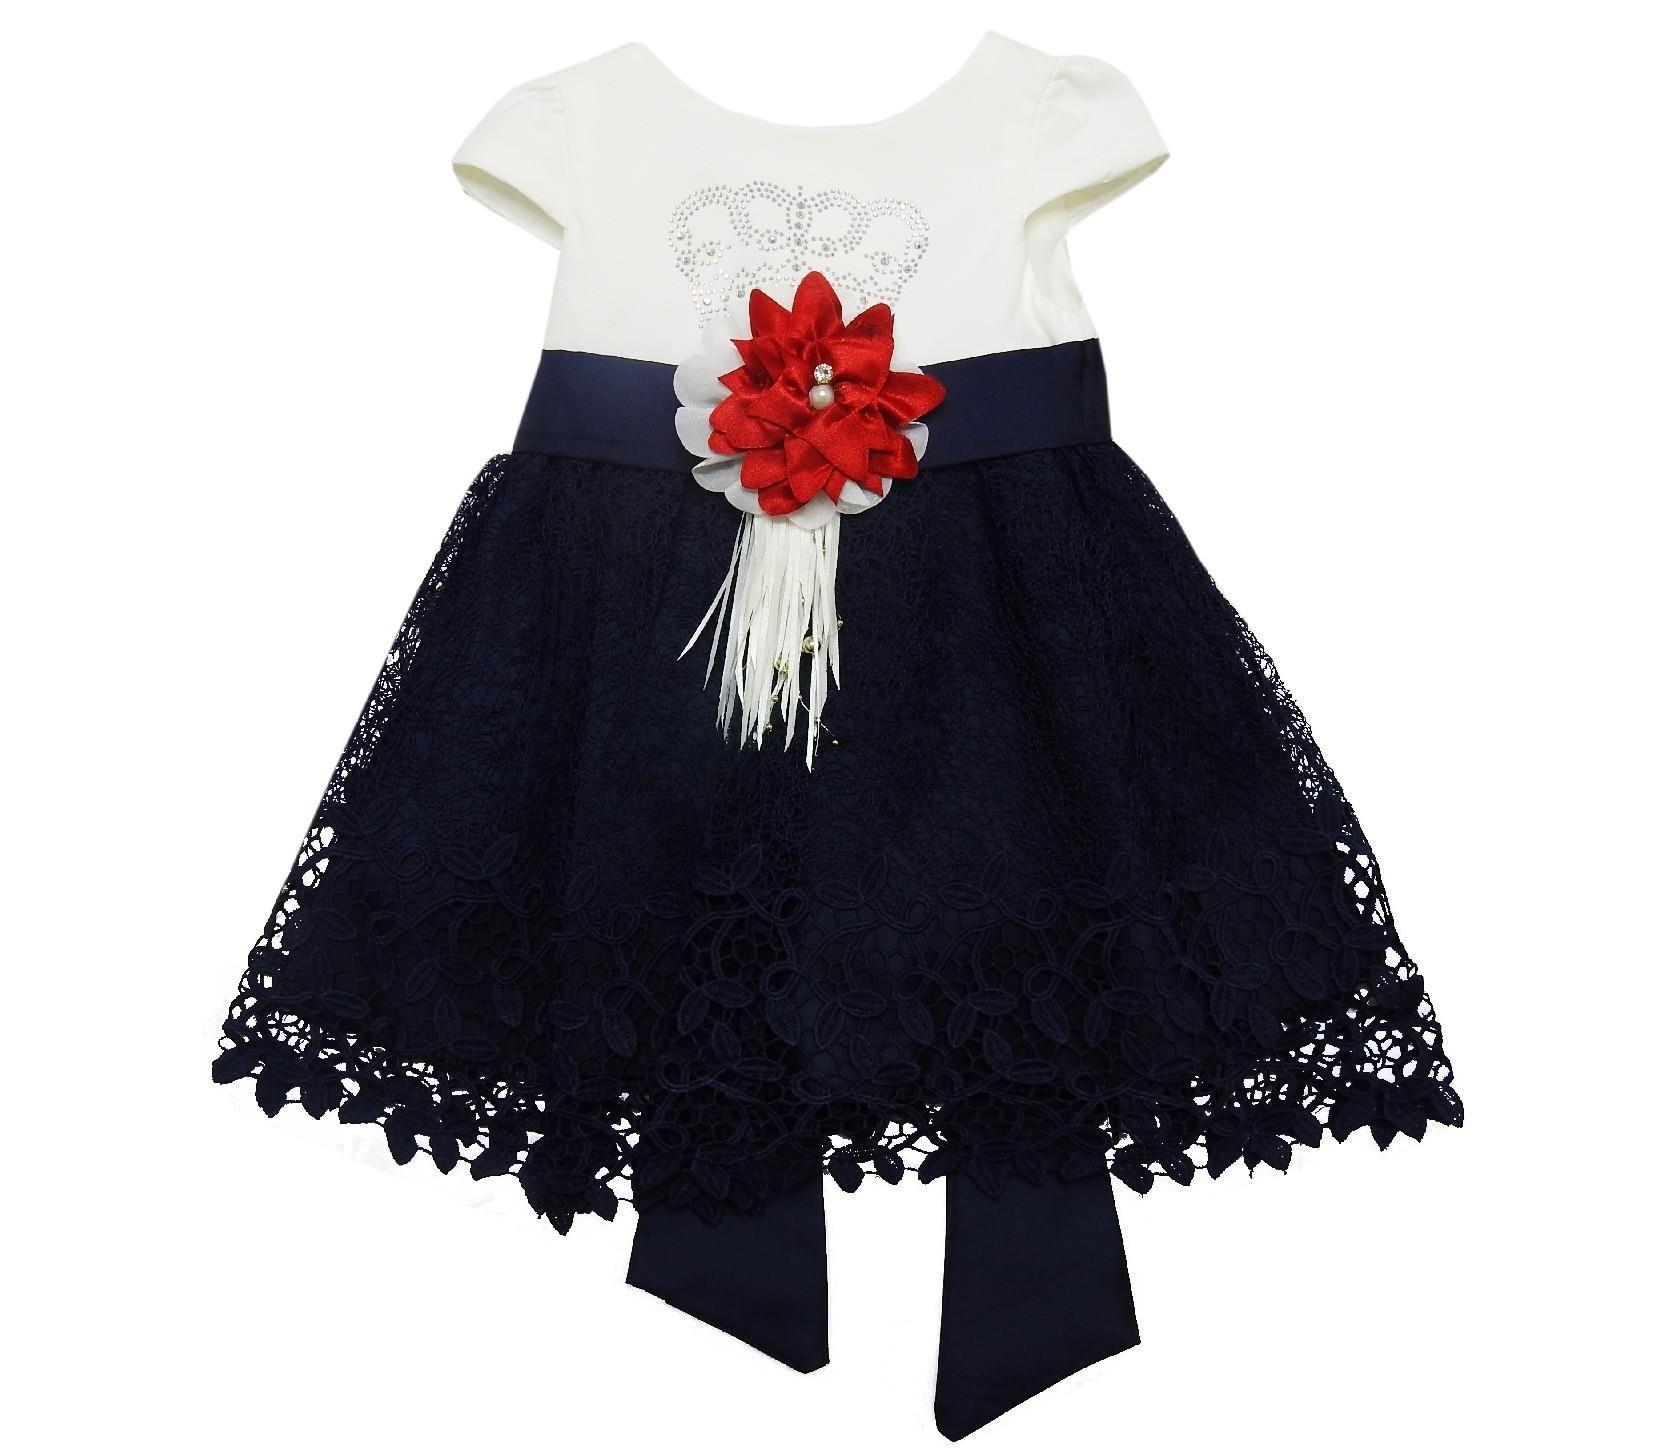 125 Wholesale Lace Fabric Design Flower Applique Dress For Girl 1 2 3 4 Age Applique Dress Wholesale Kids Clothing Girls Dresses